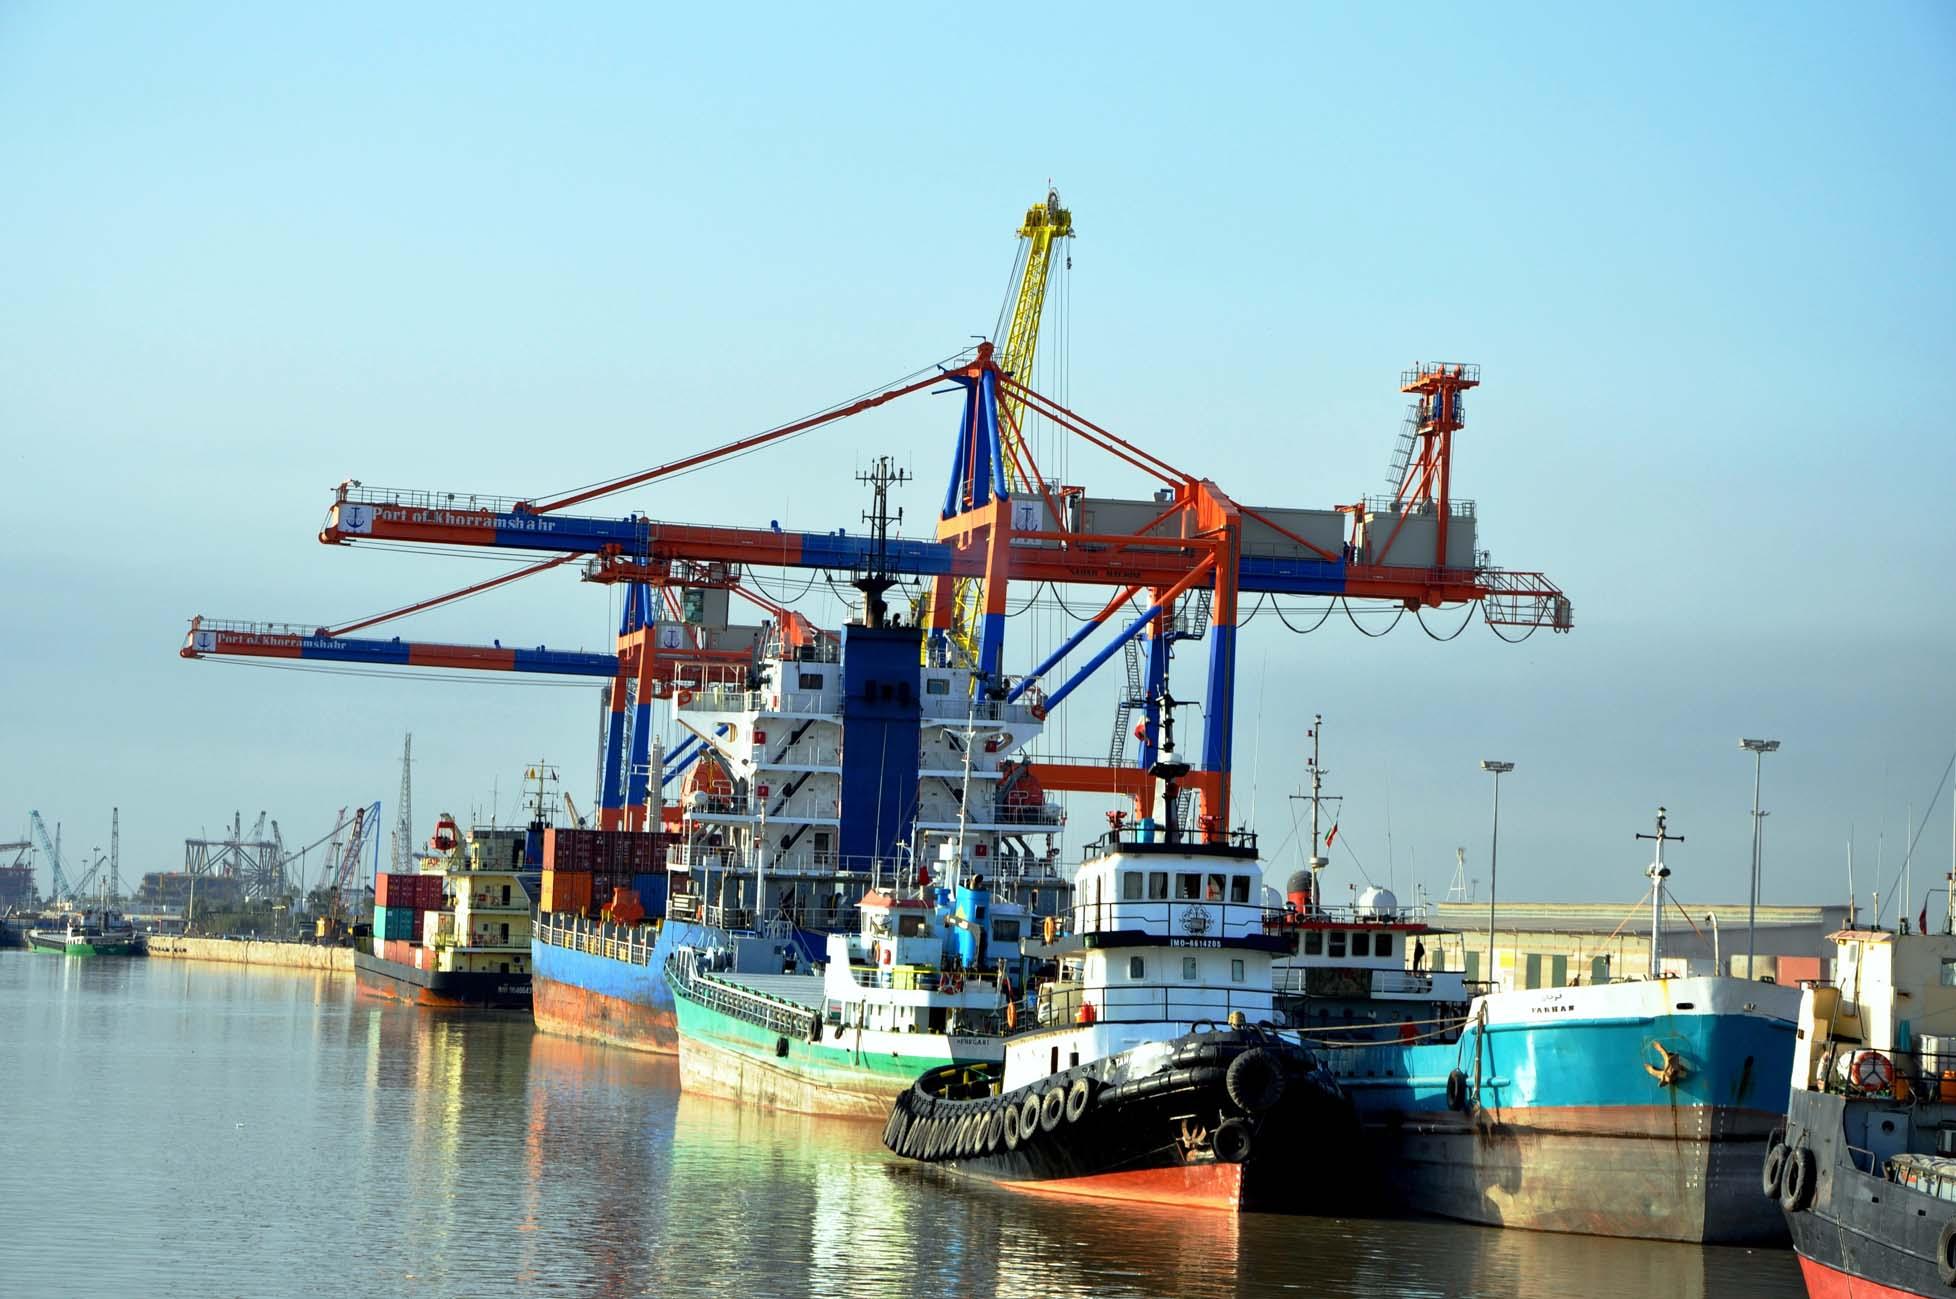 افزایش حجم صادرات کالا از بندر خرمشهر